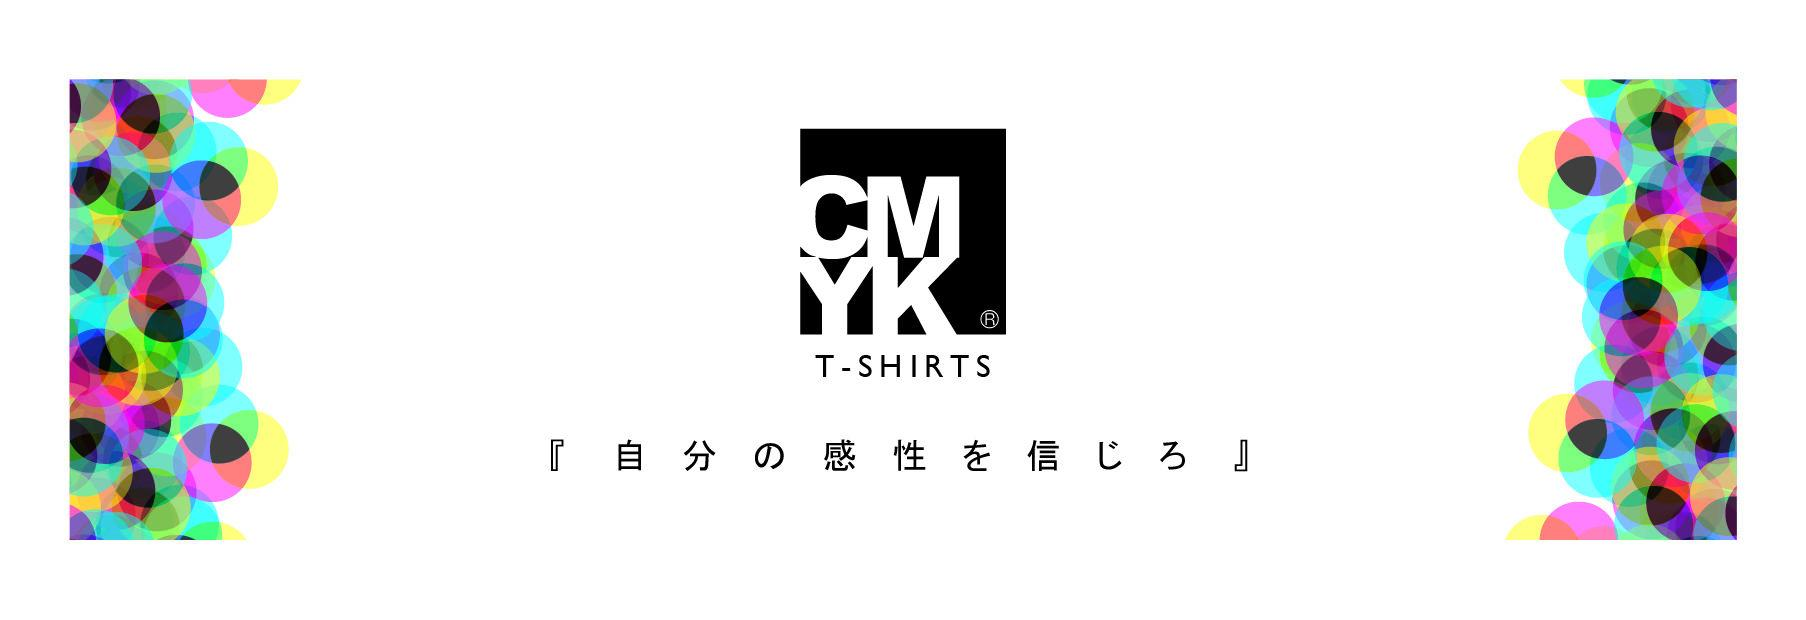 CMYKブランド Tシャツ